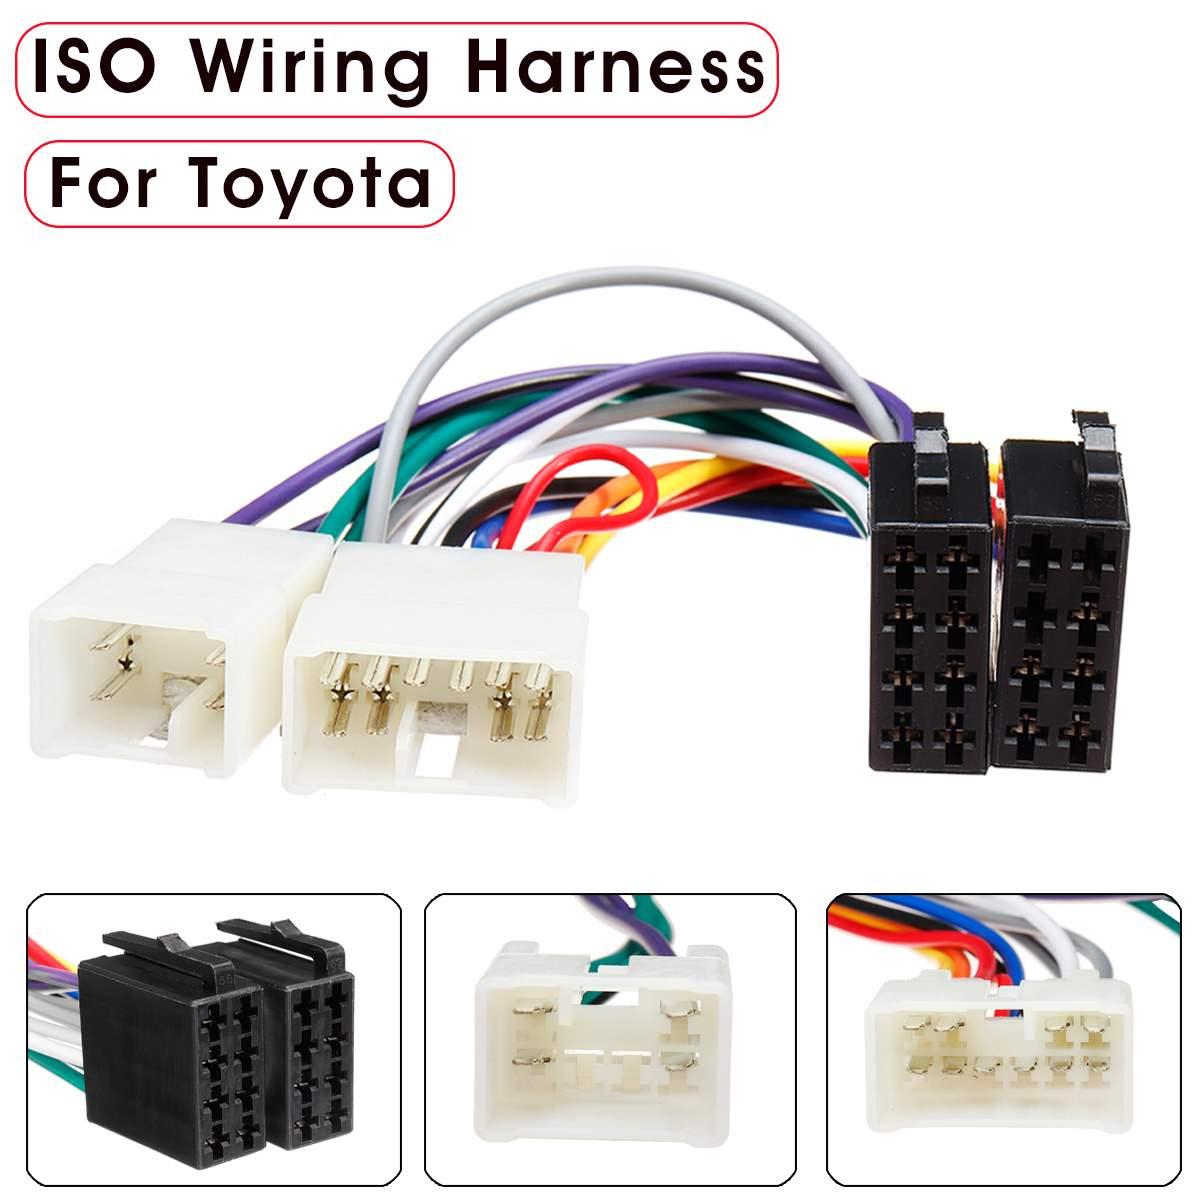 Автомобильный стерео радио жгут ISO радио жгут проводов разъем адаптер для Toyota Camry Corolla RAV4 Aurion Avensis|Кабели, адаптеры и разъемы|   | АлиЭкспресс